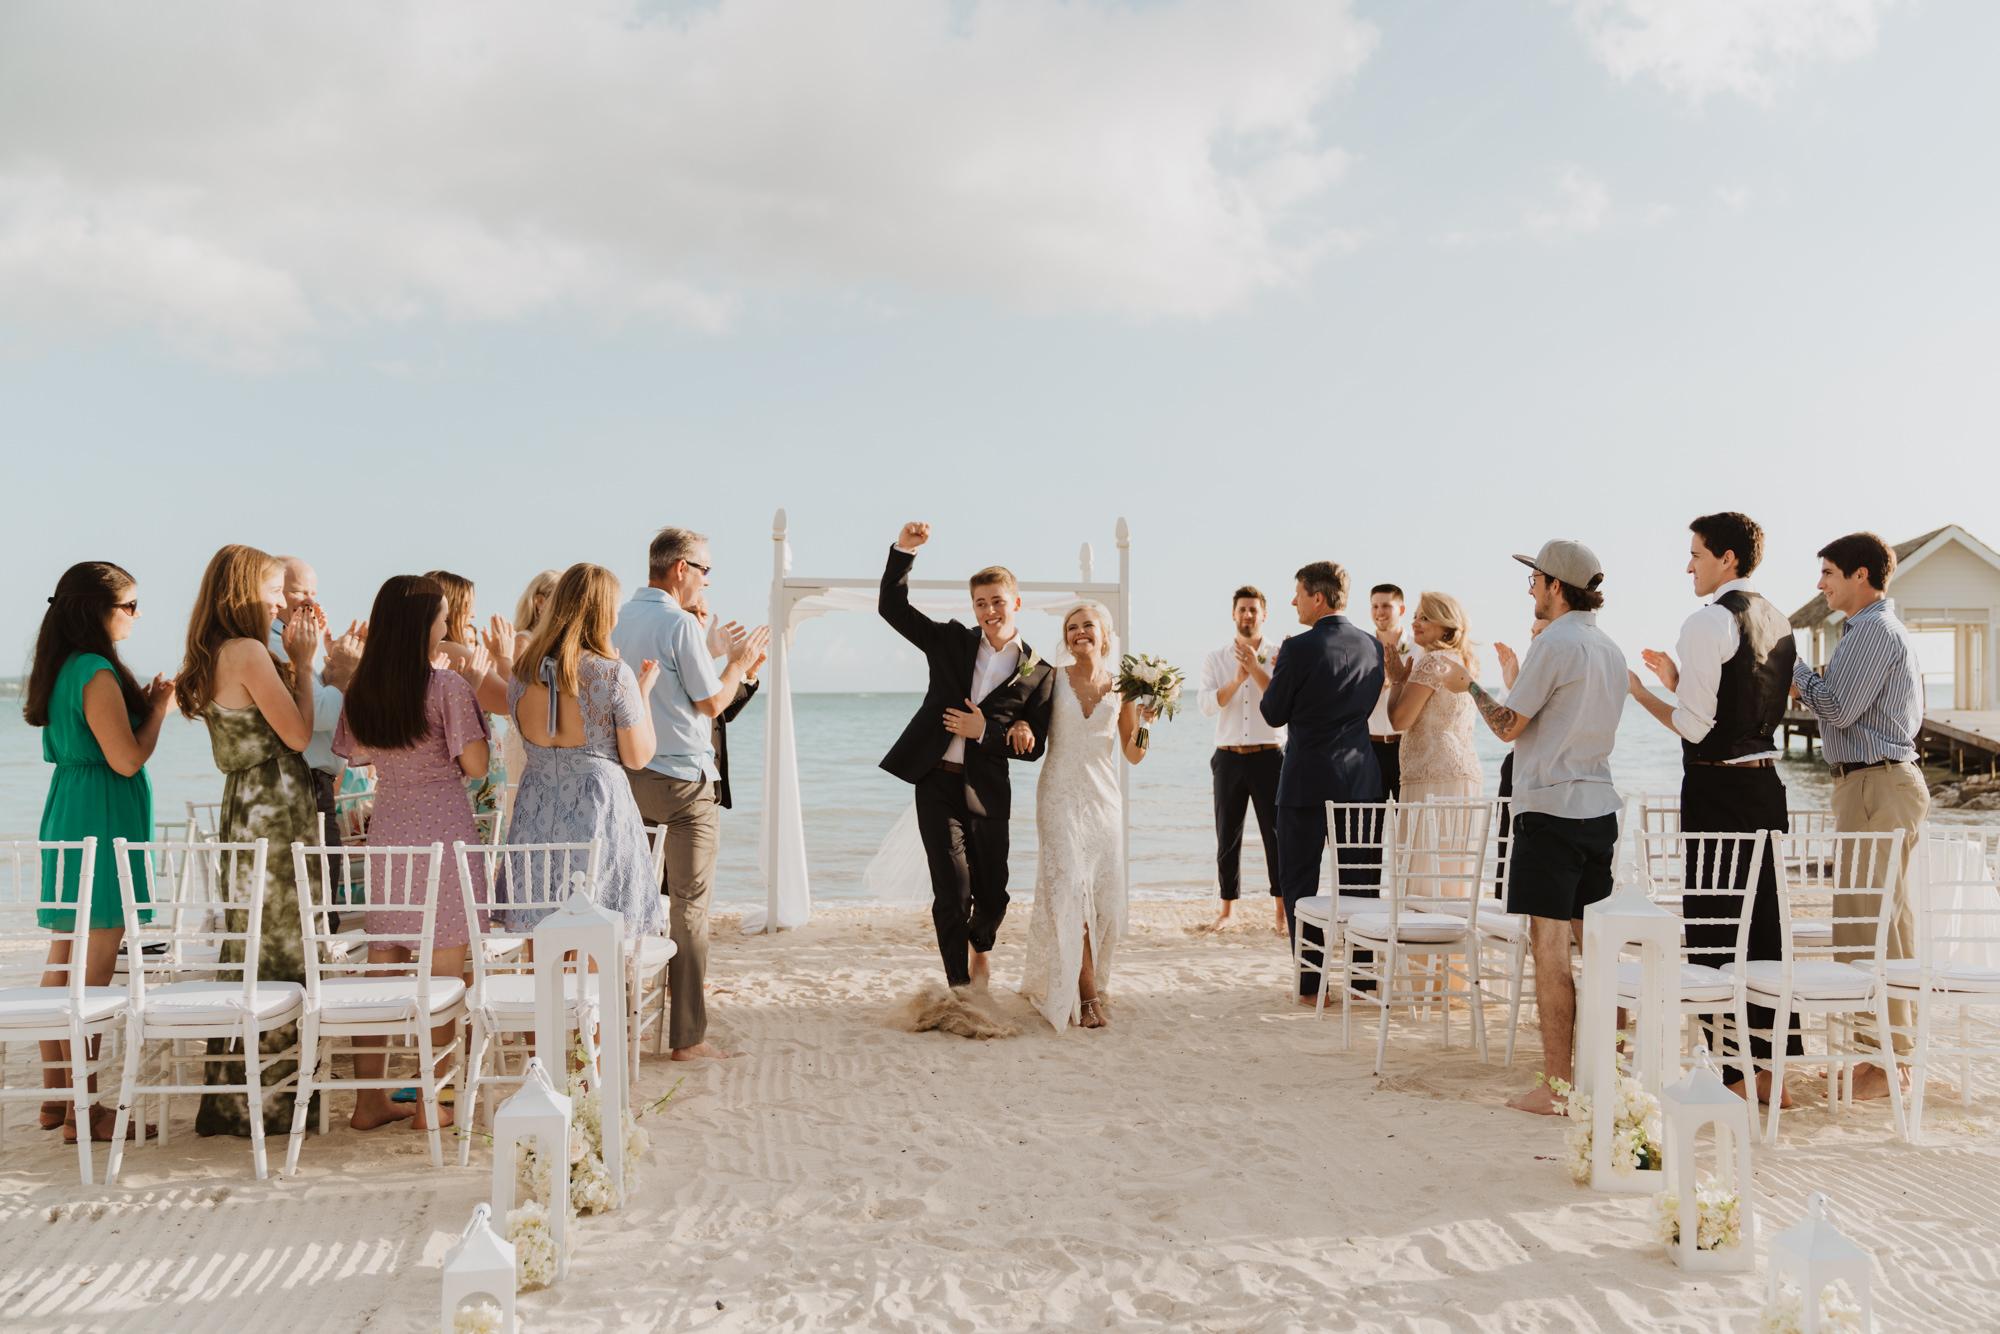 Pingleton_Wedding_Ceremony-2.jpg